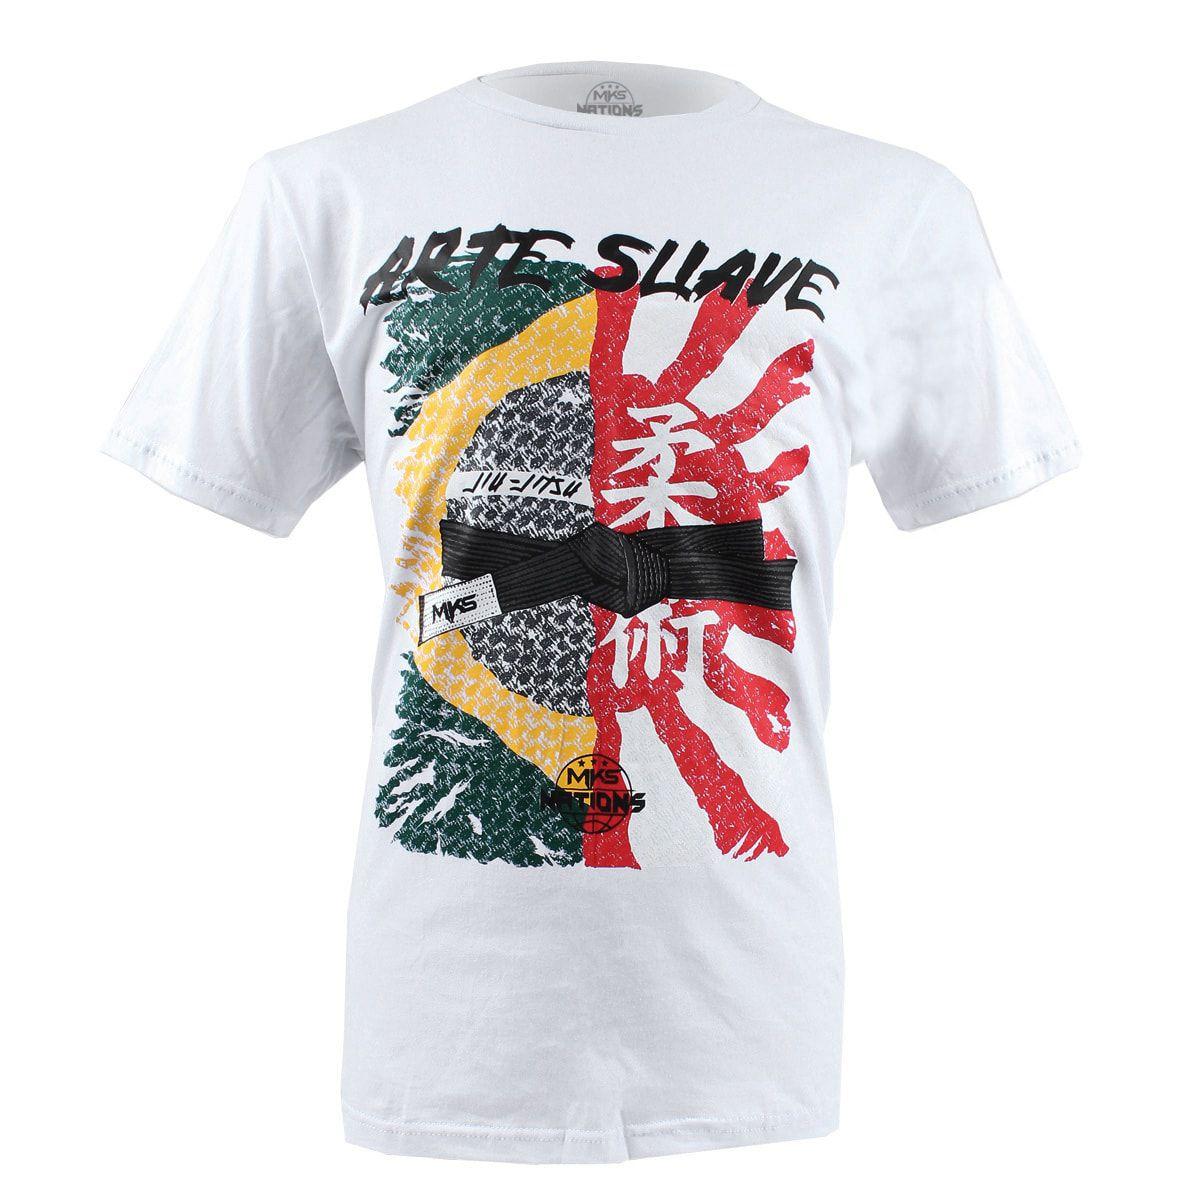 Camiseta MKS Nations Arte Suave - Branca